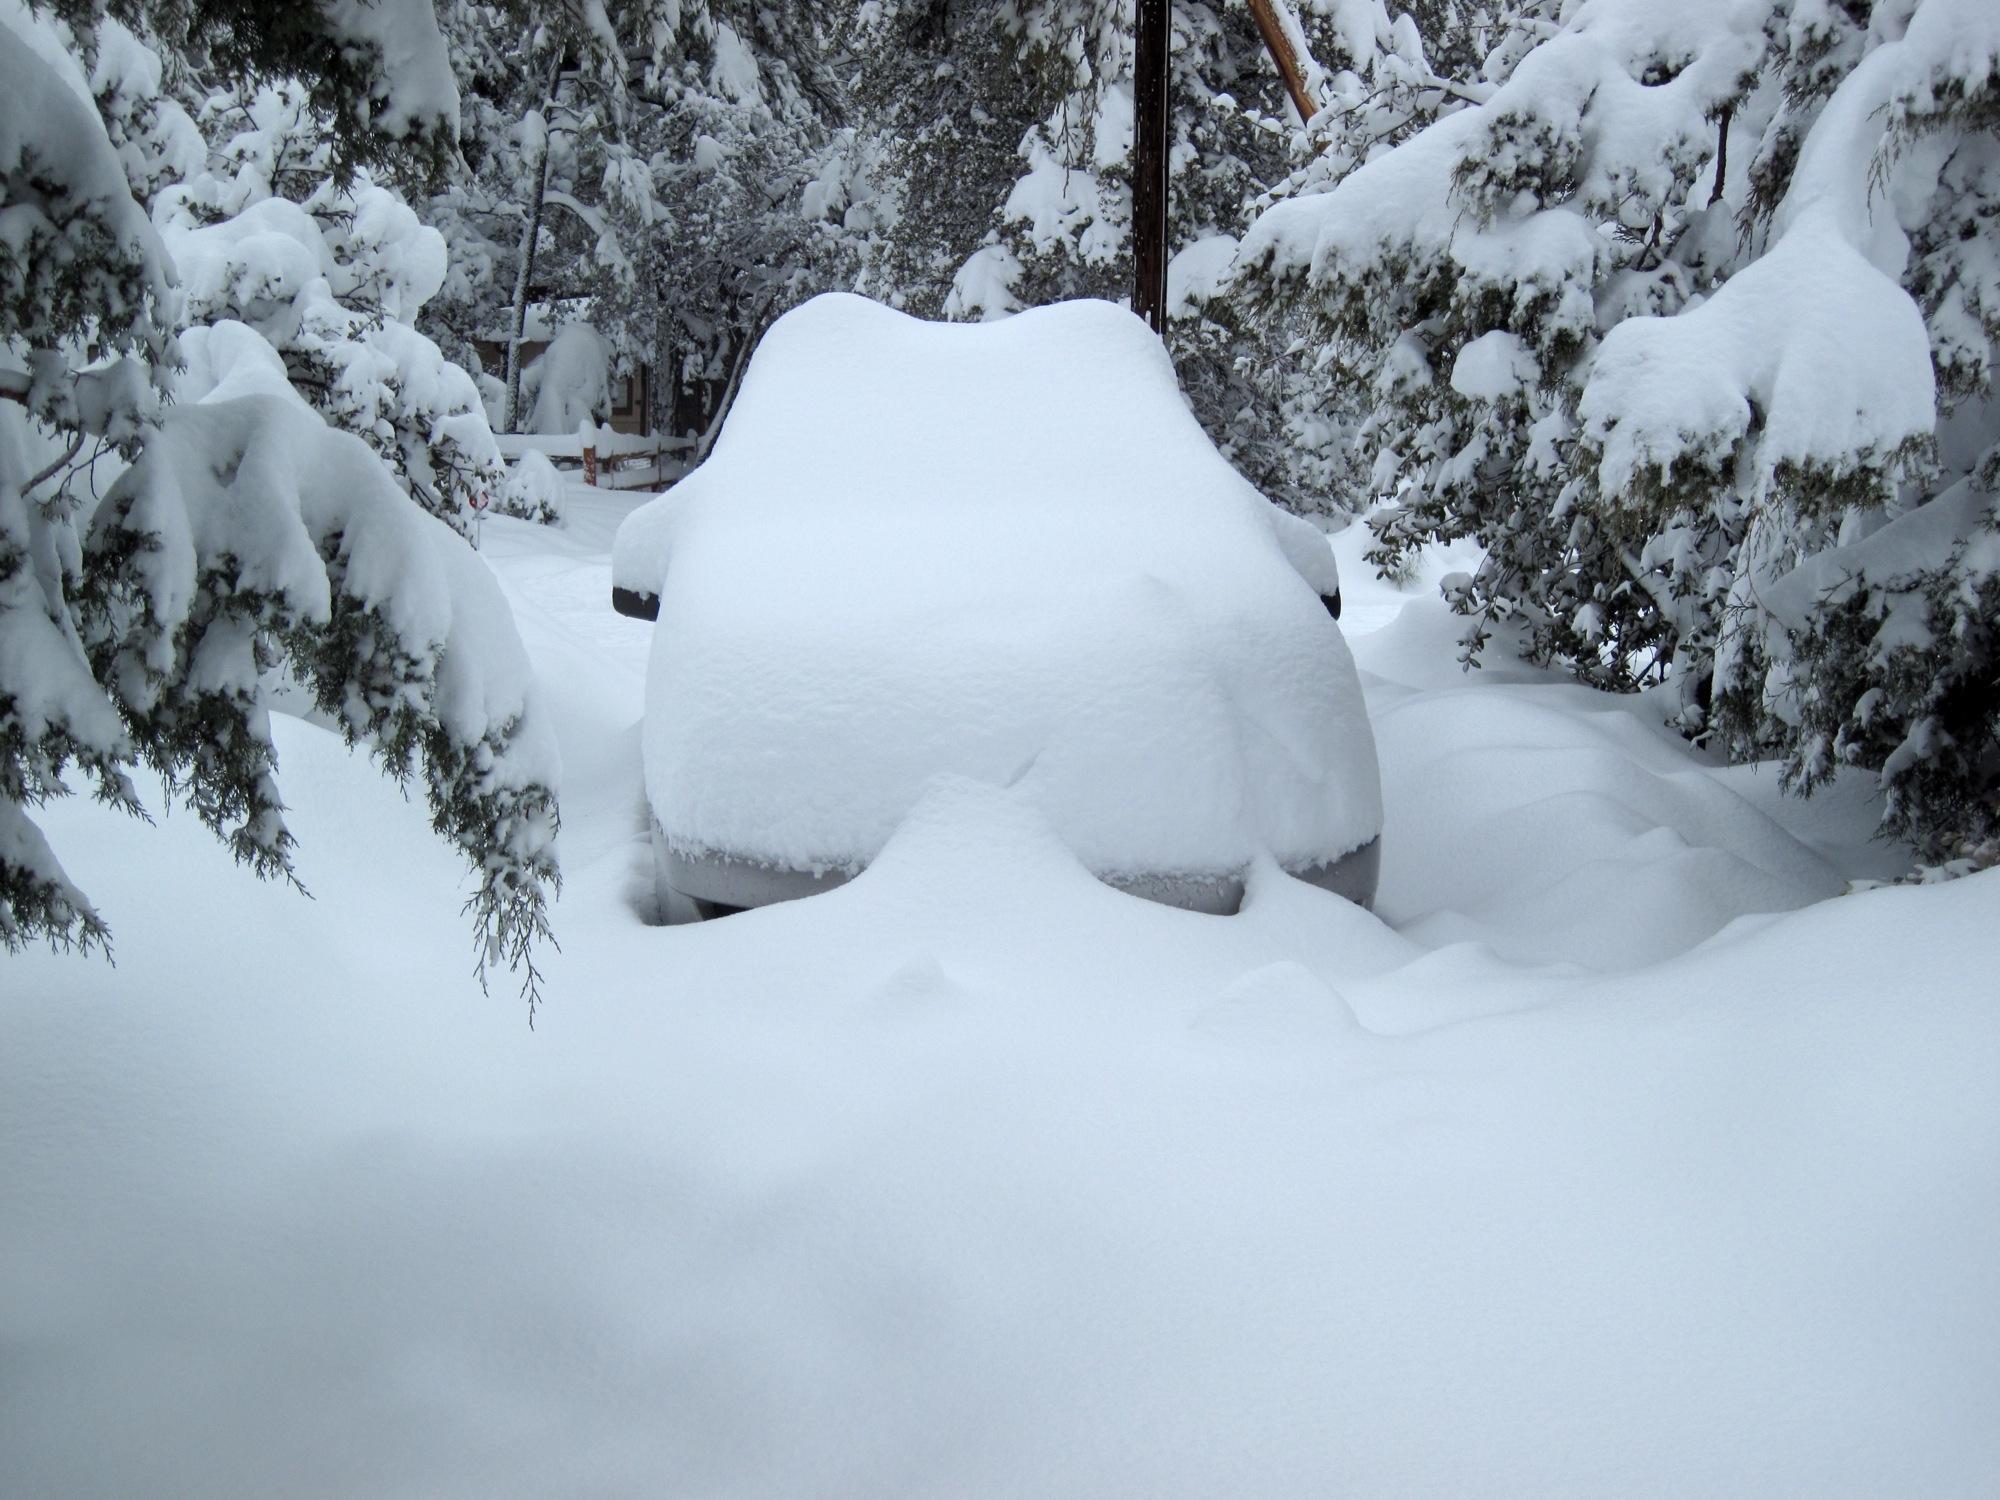 картинка с снегом что называется именно количества